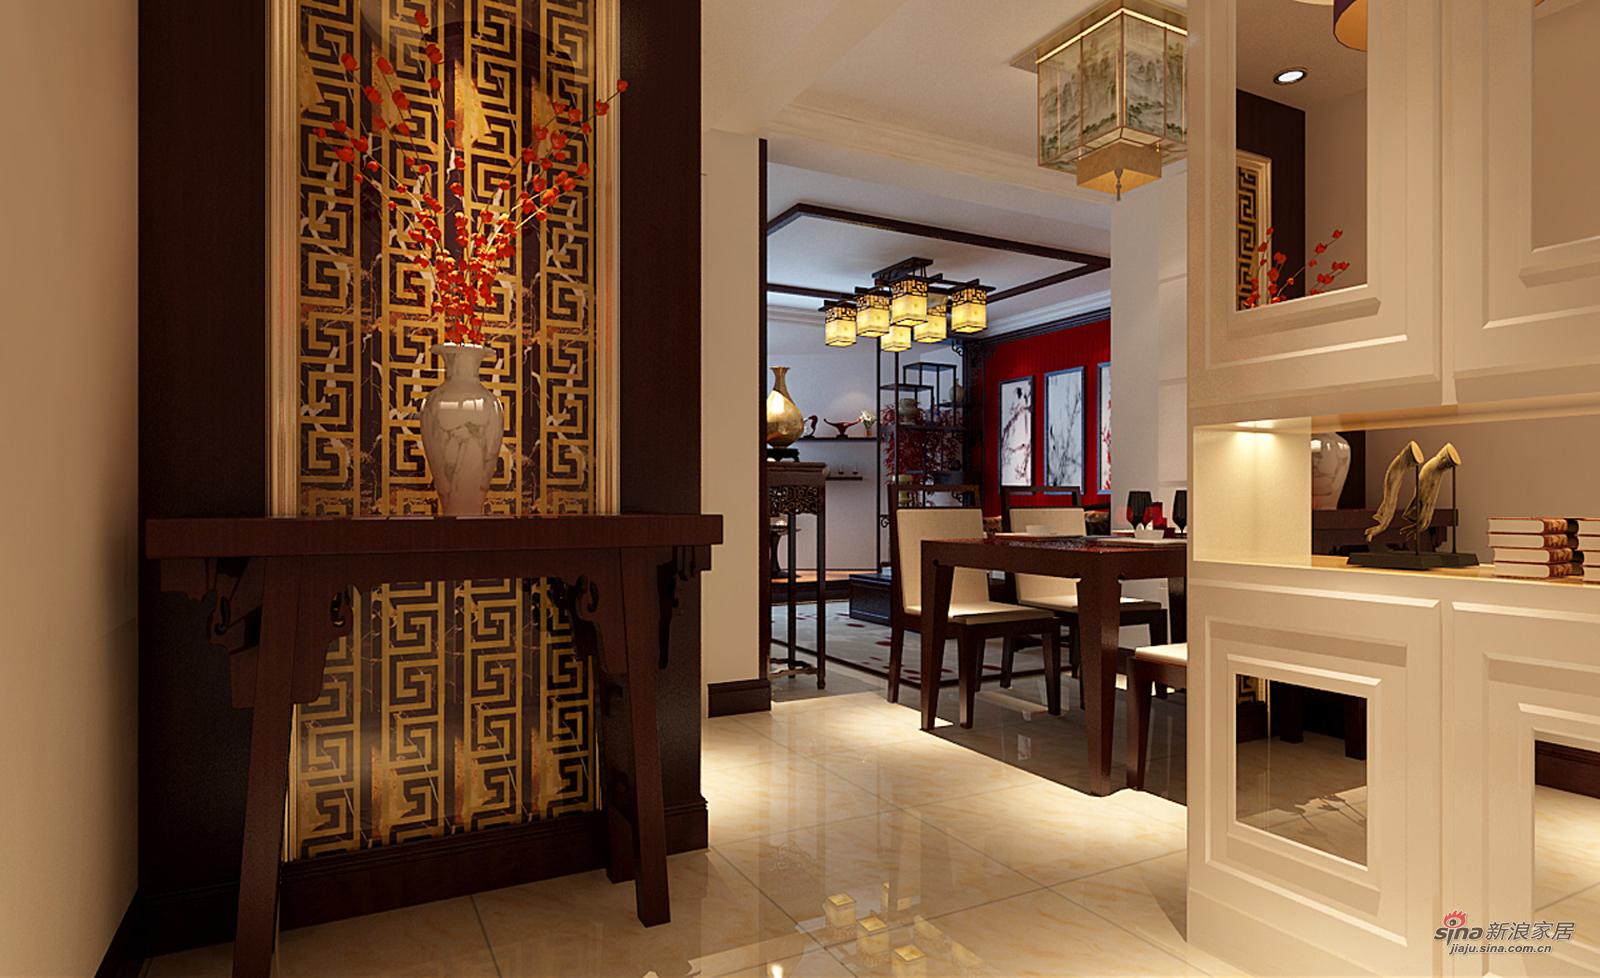 中式 二居 玄关图片来自用户1907661335在我的专辑142944的分享